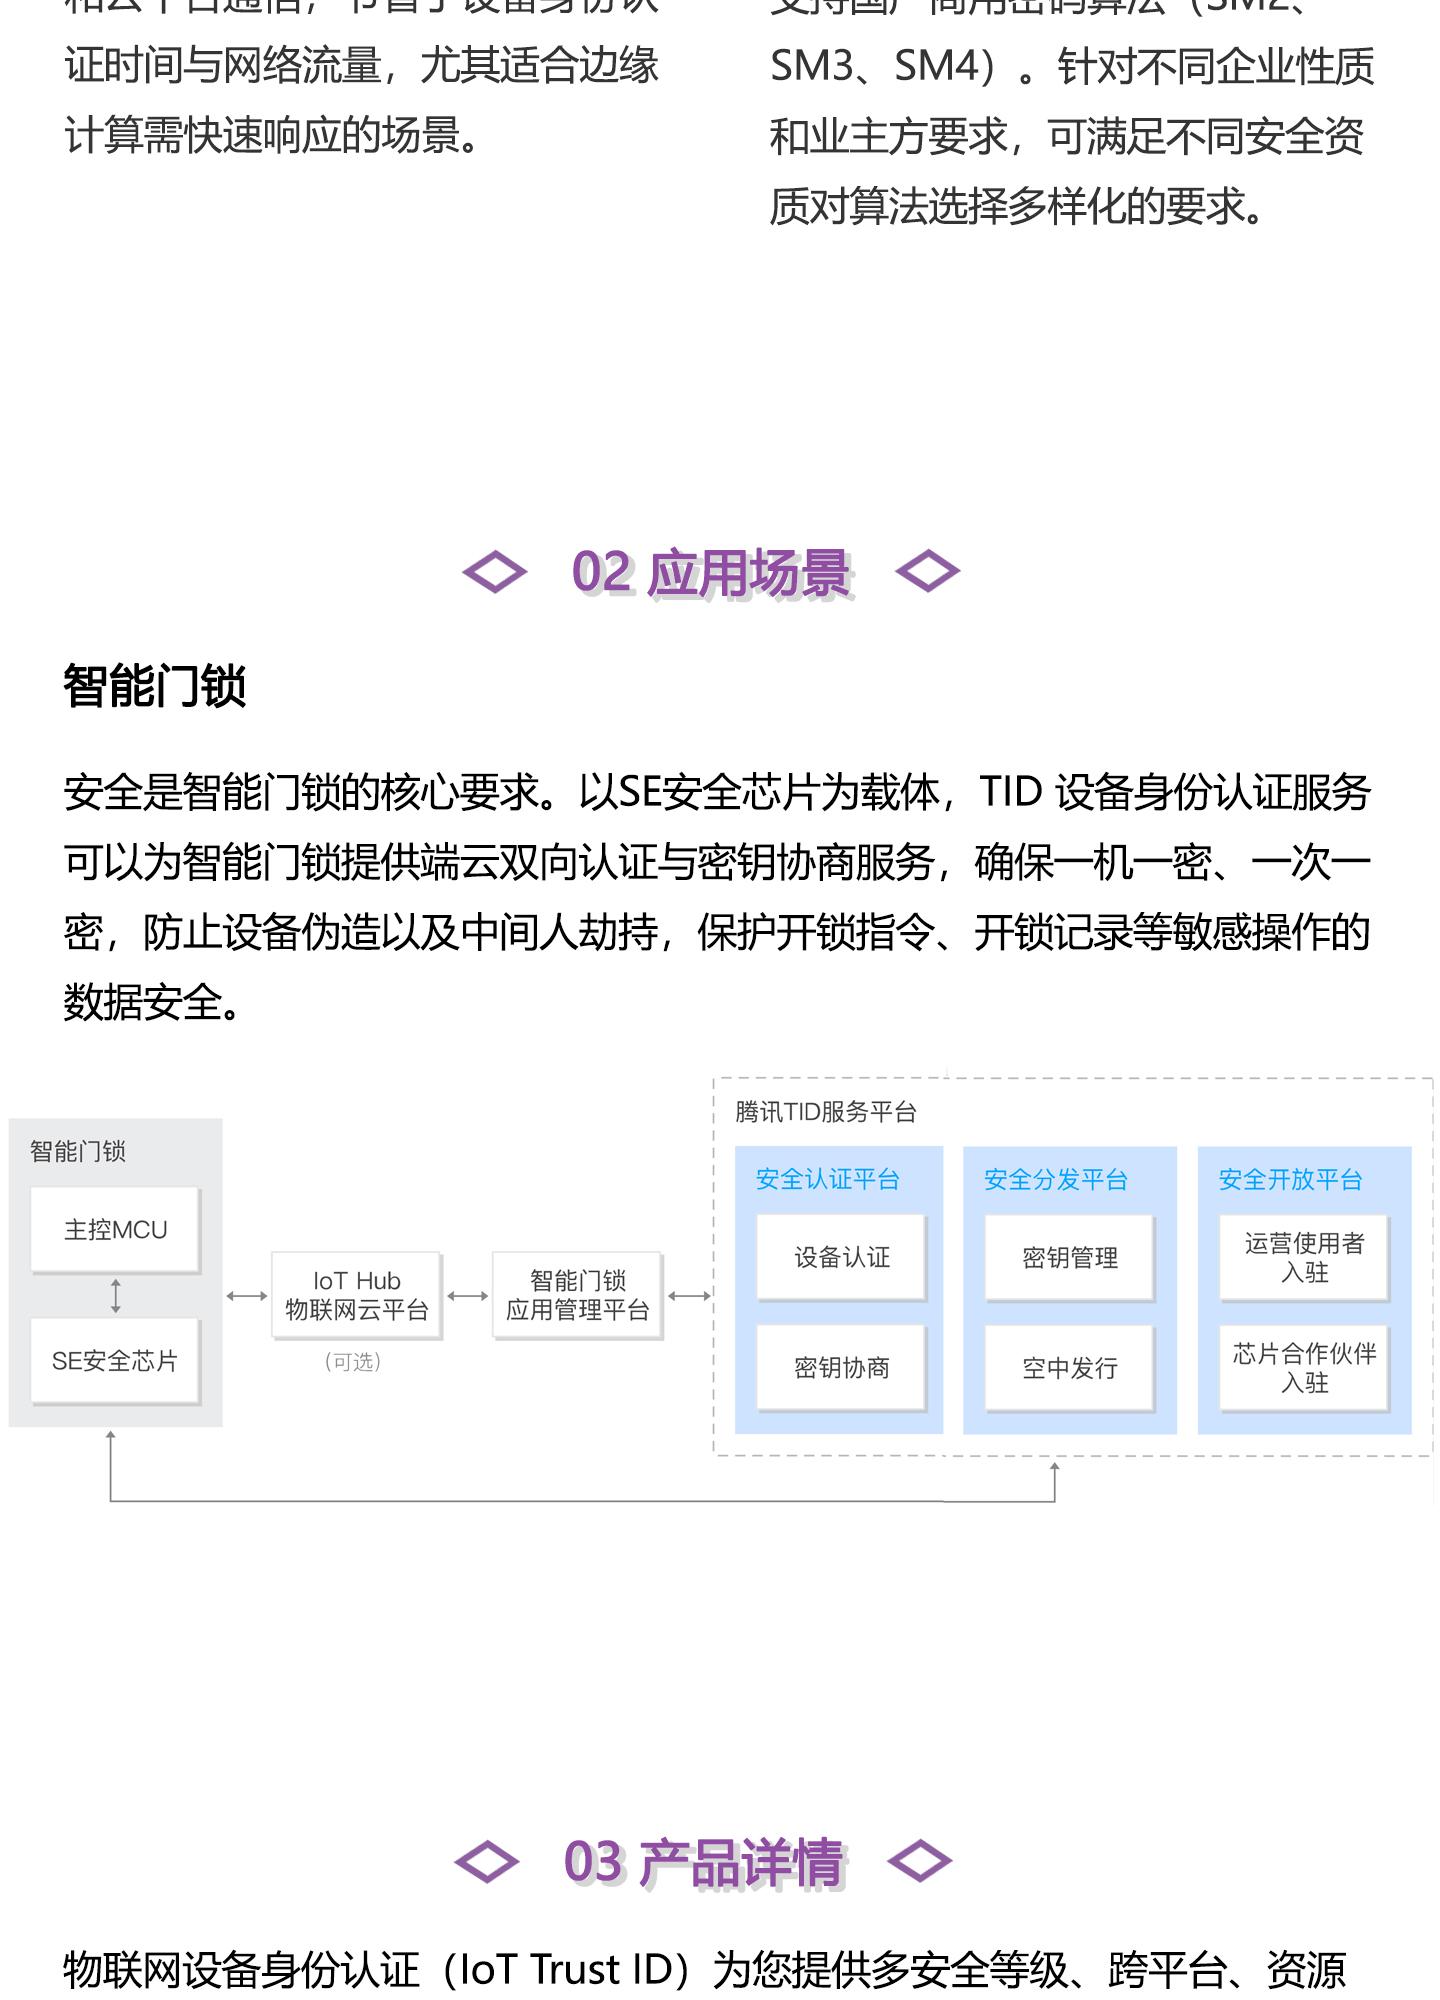 物联网设备身份认证-IoT-TID1440_03.jpg